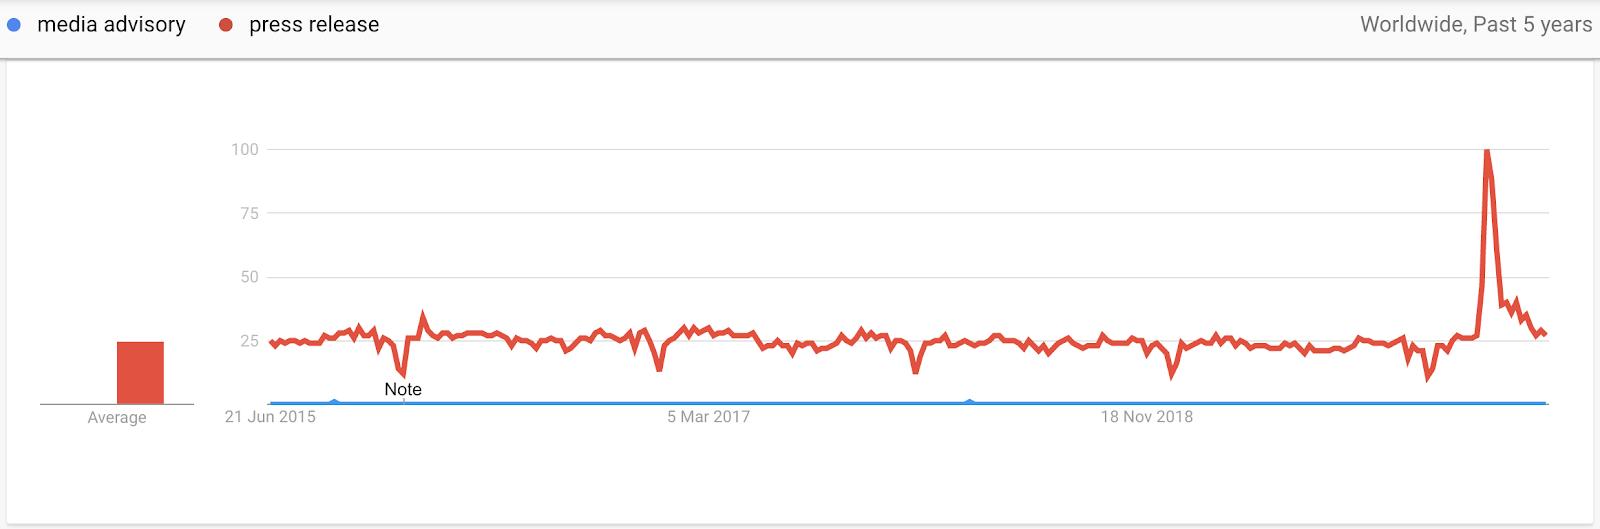 Interest for Media Advisory vs Press Release On Google Trends